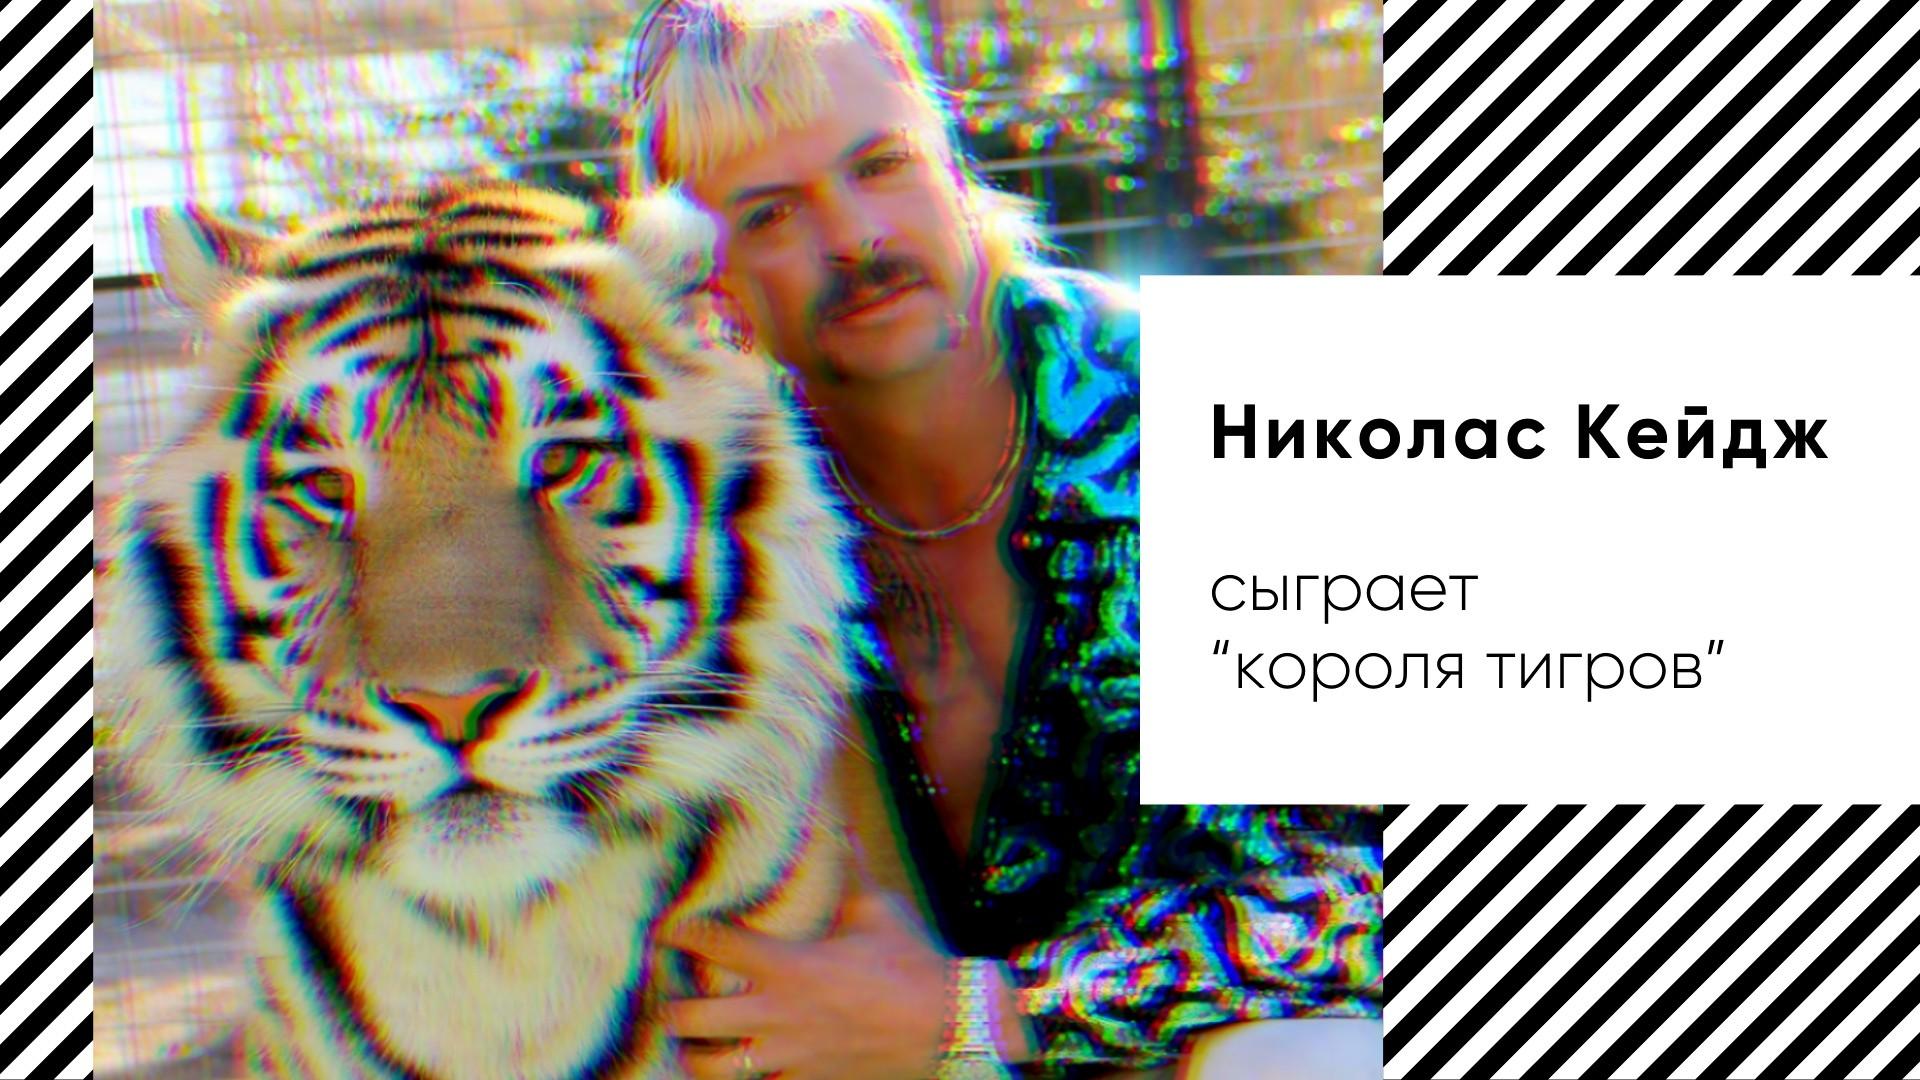 """Николас Кейдж сыграет """"короля тигров"""""""